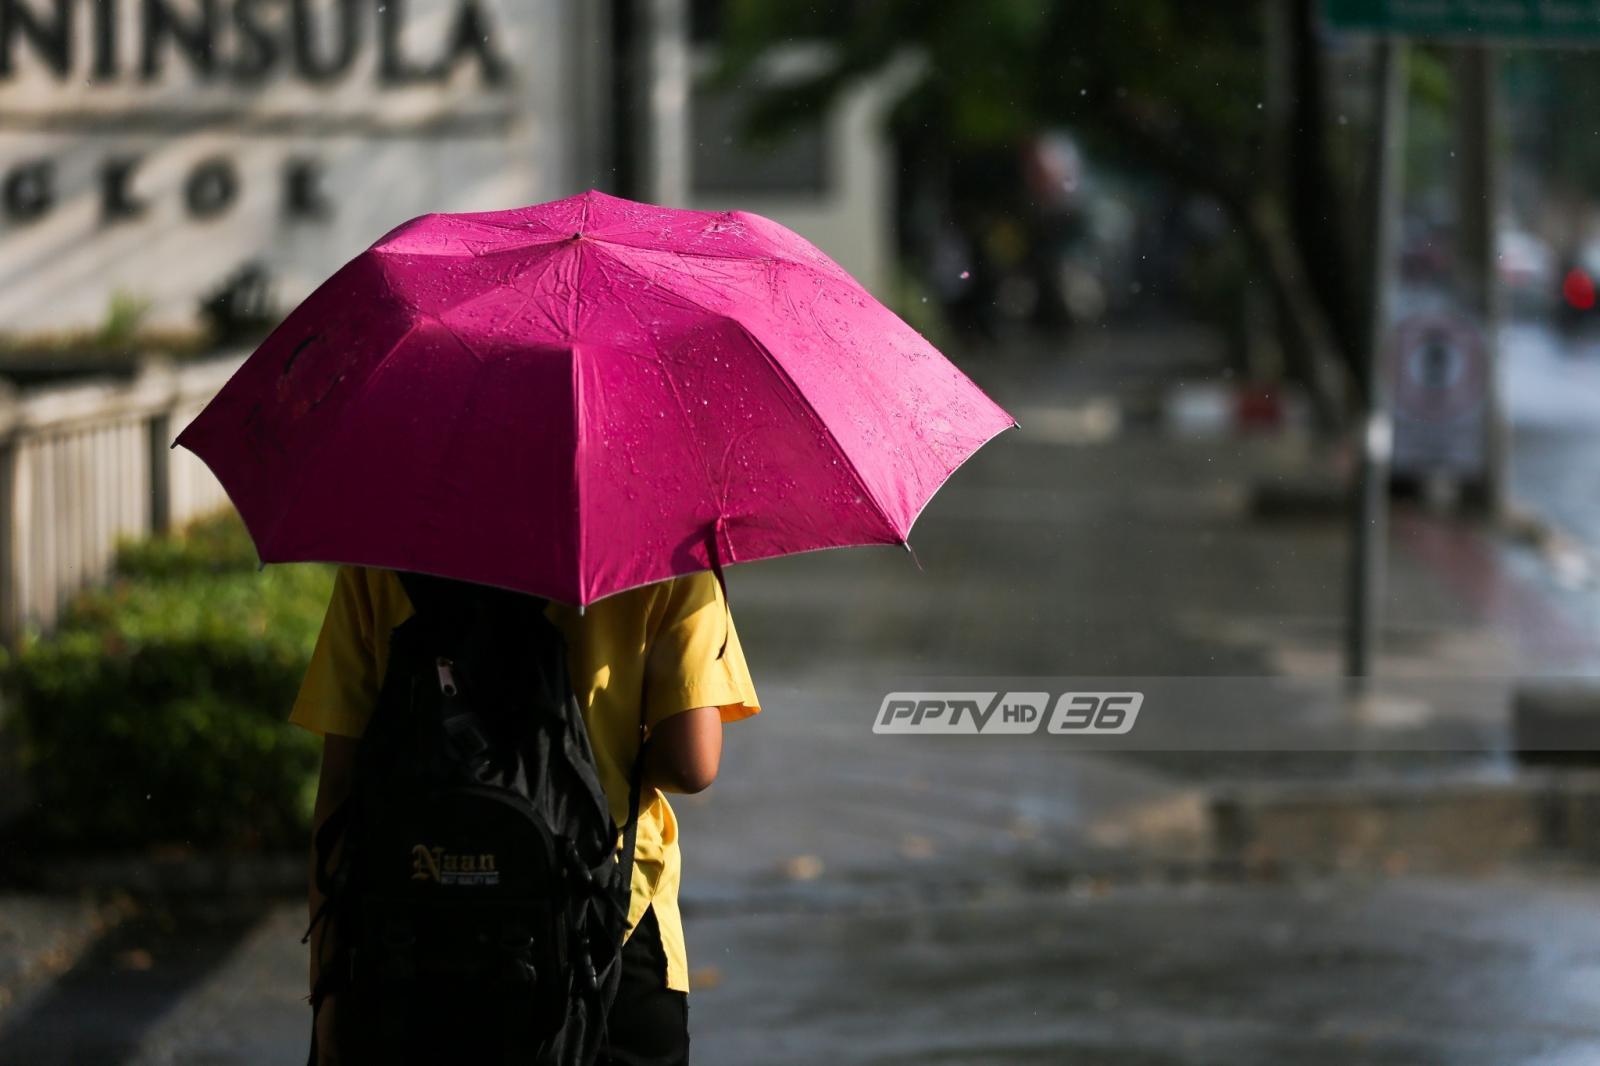 อุตุฯ ชี้ 30ก.ย.-1ต.ค. ฝนตก เตือน 37 จังหวัดรับมือ